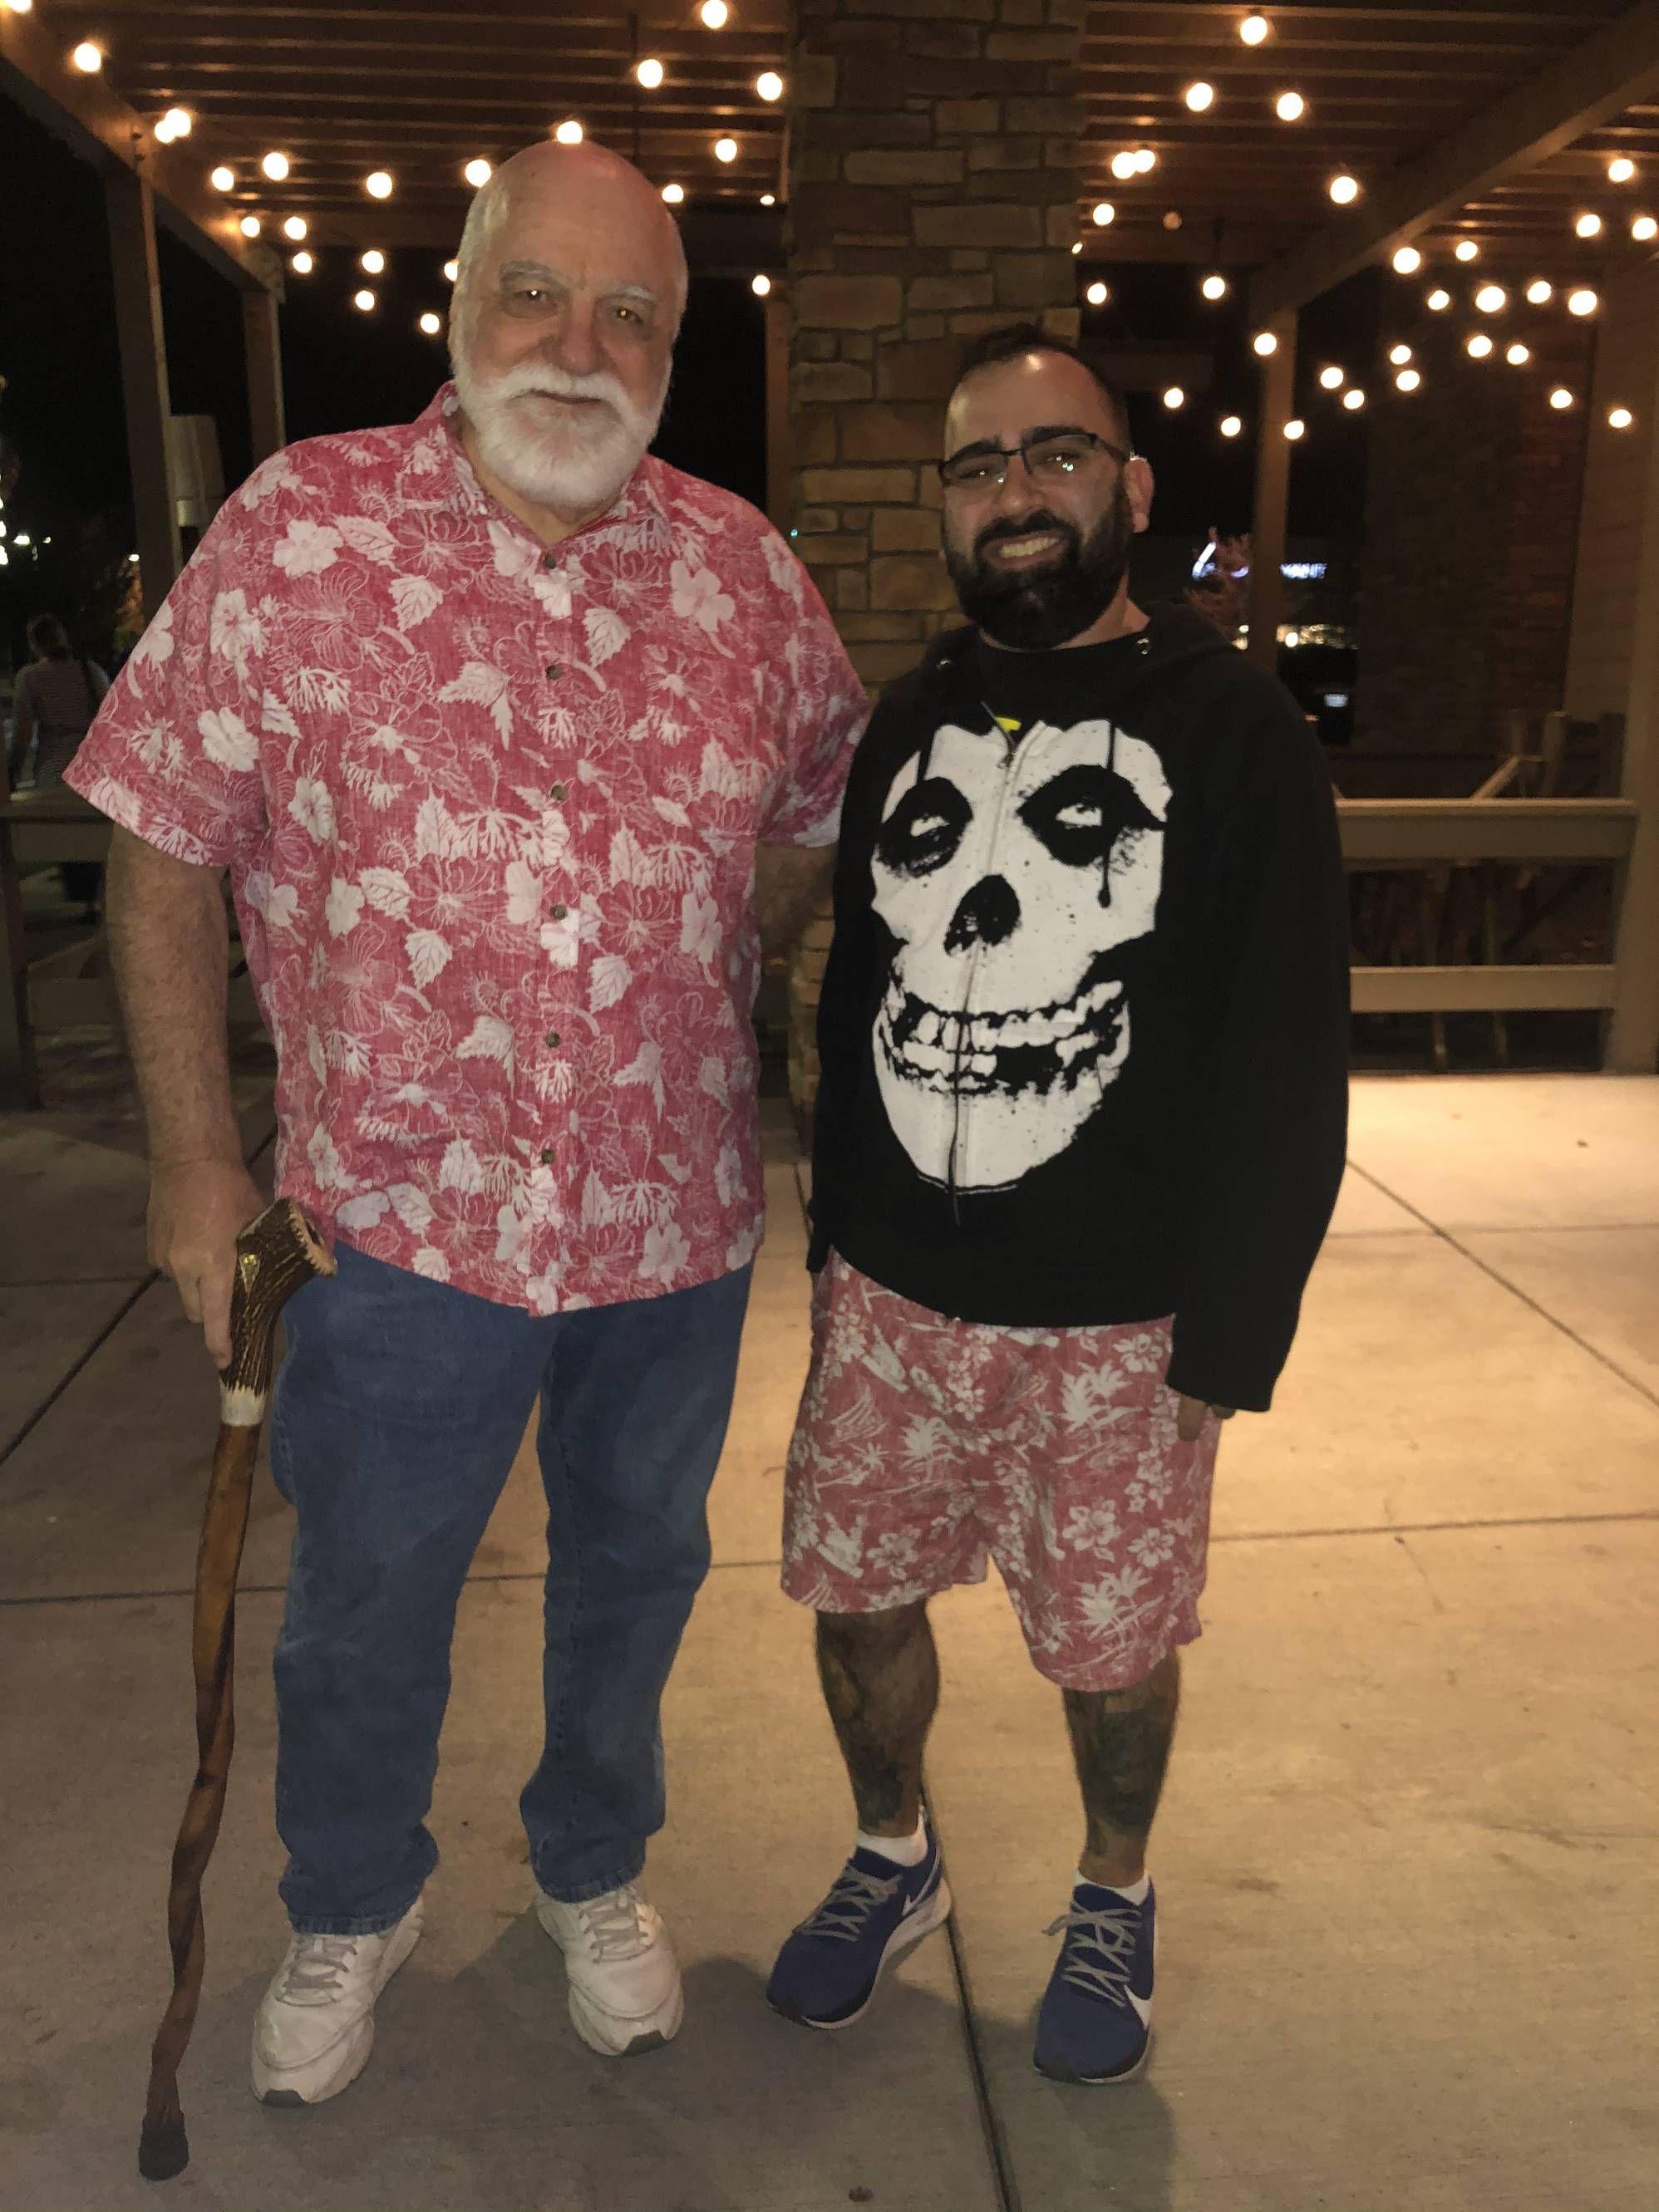 I met my upper half tonight